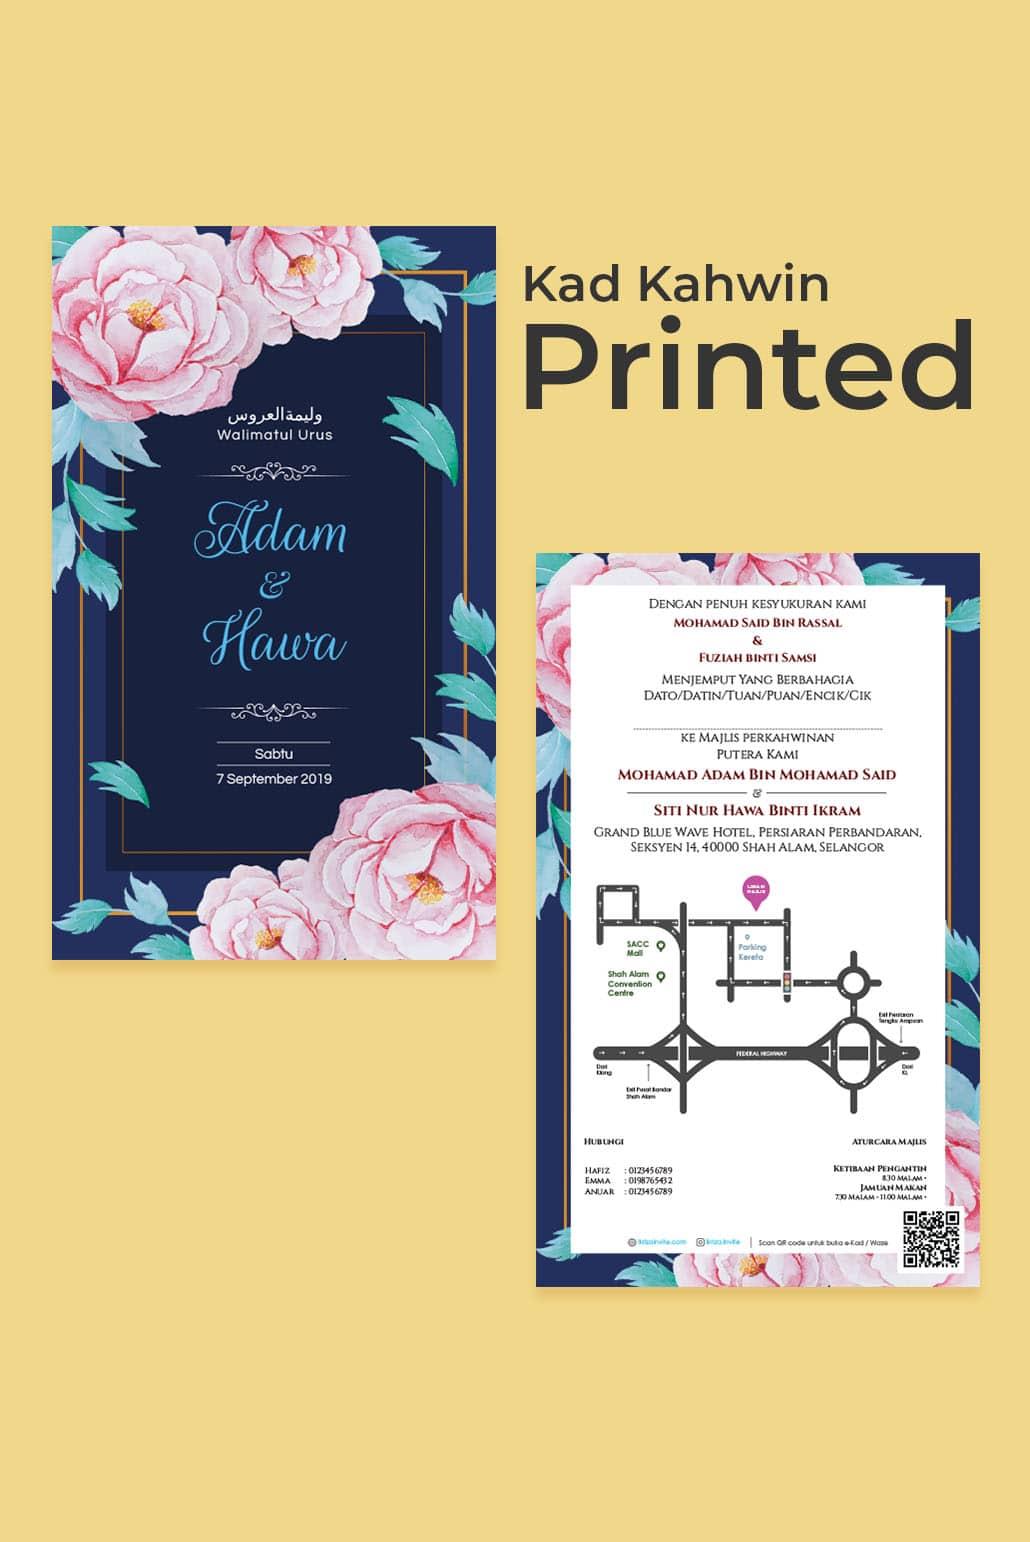 Kad Kahwin Printed